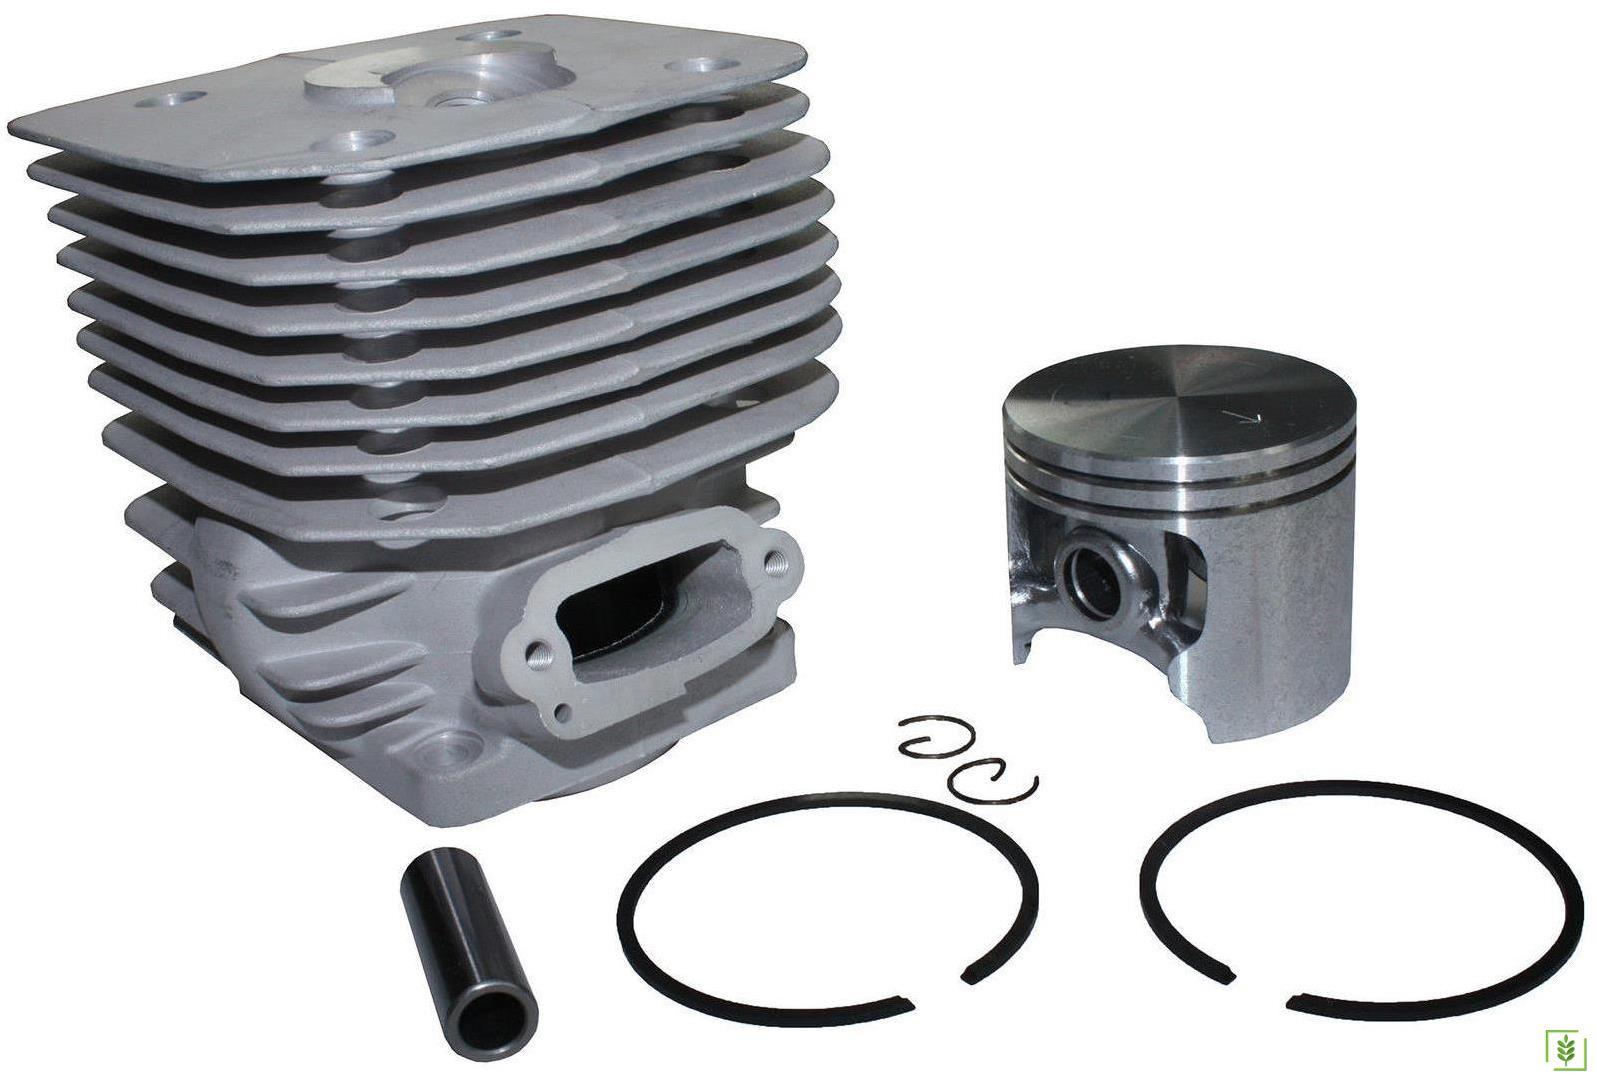 Husqvarna 3120 - Partner K1250 Silindir Piston Seti 60 mm